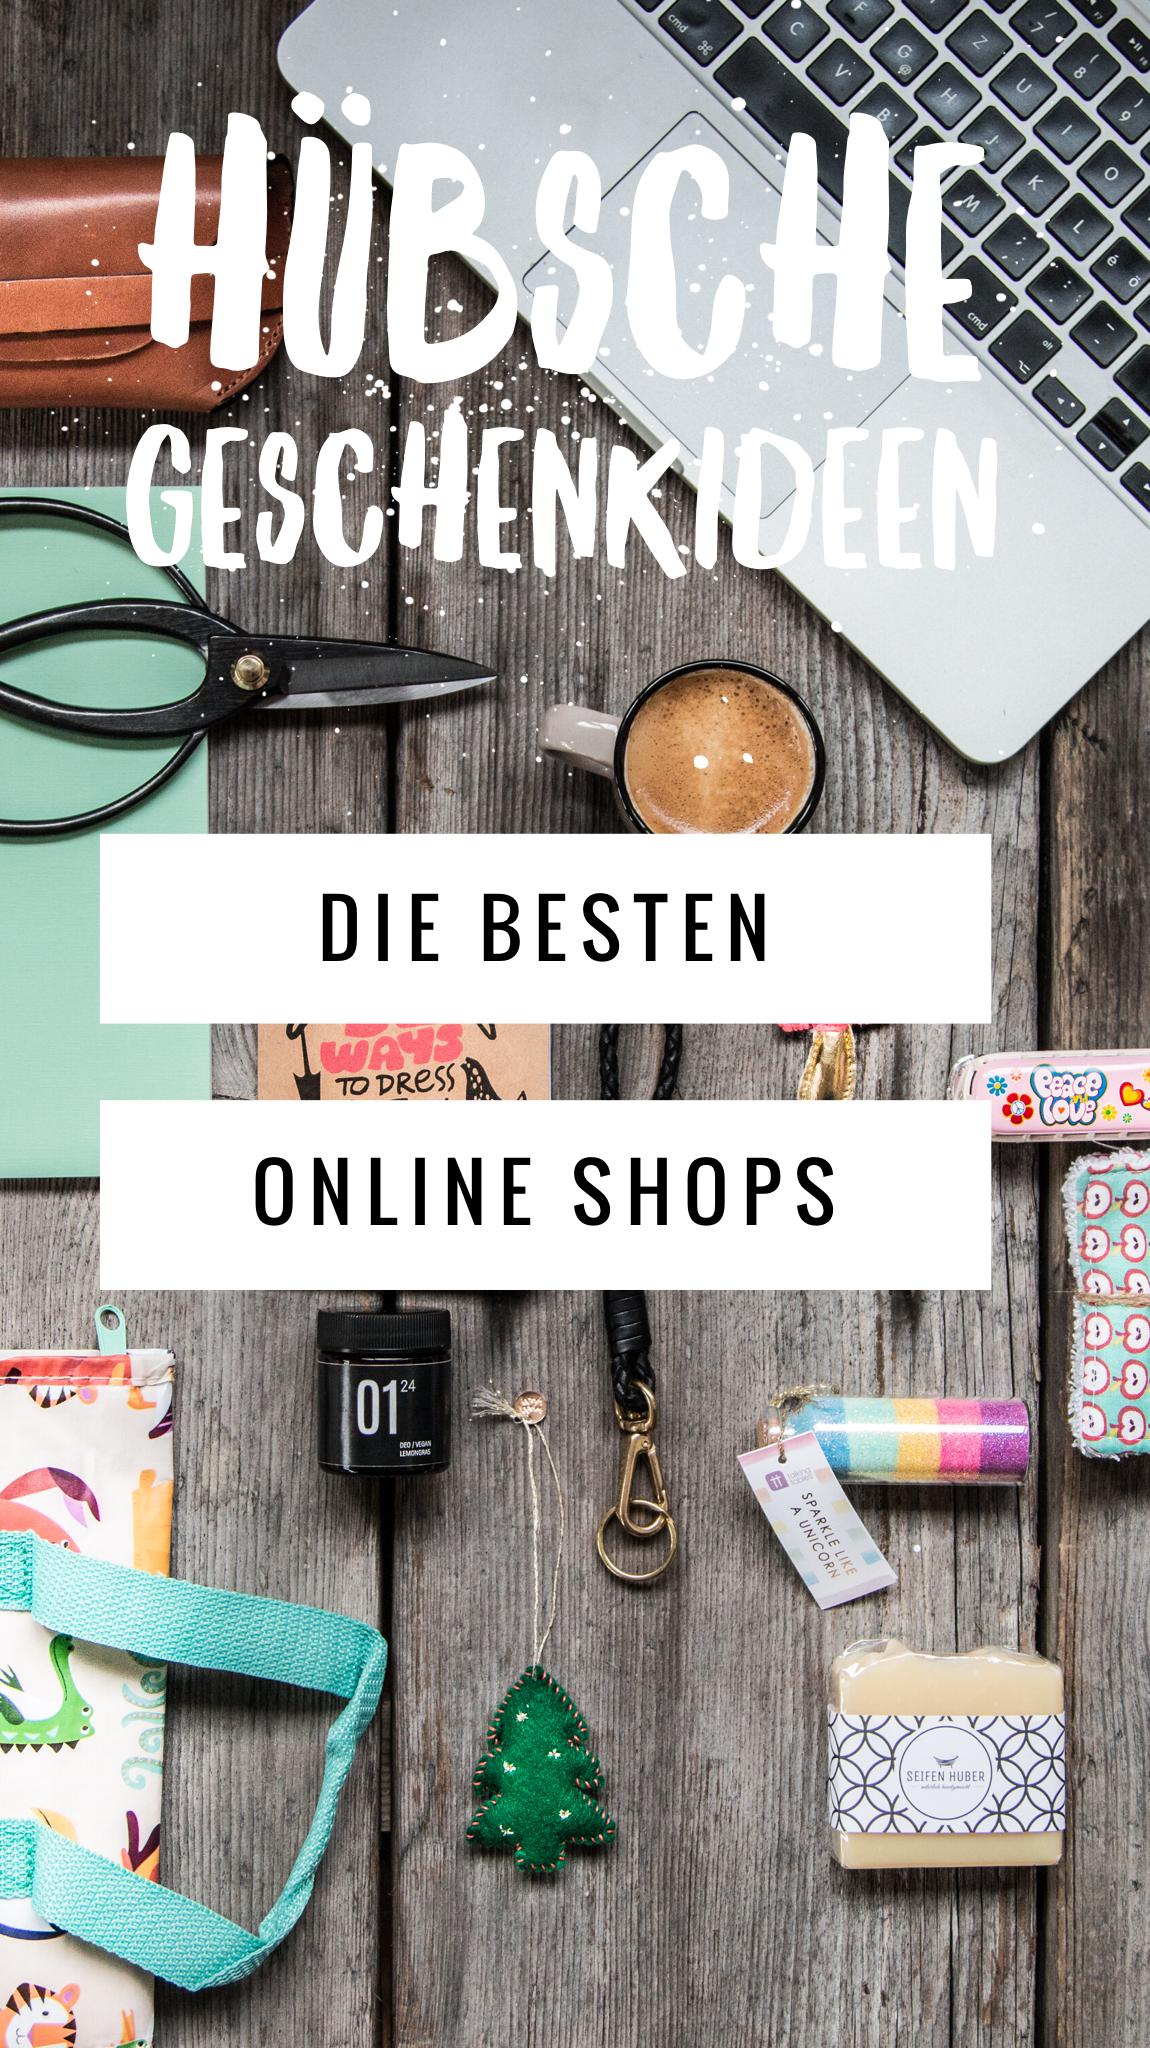 Die besten Online Shops Geschenkideen